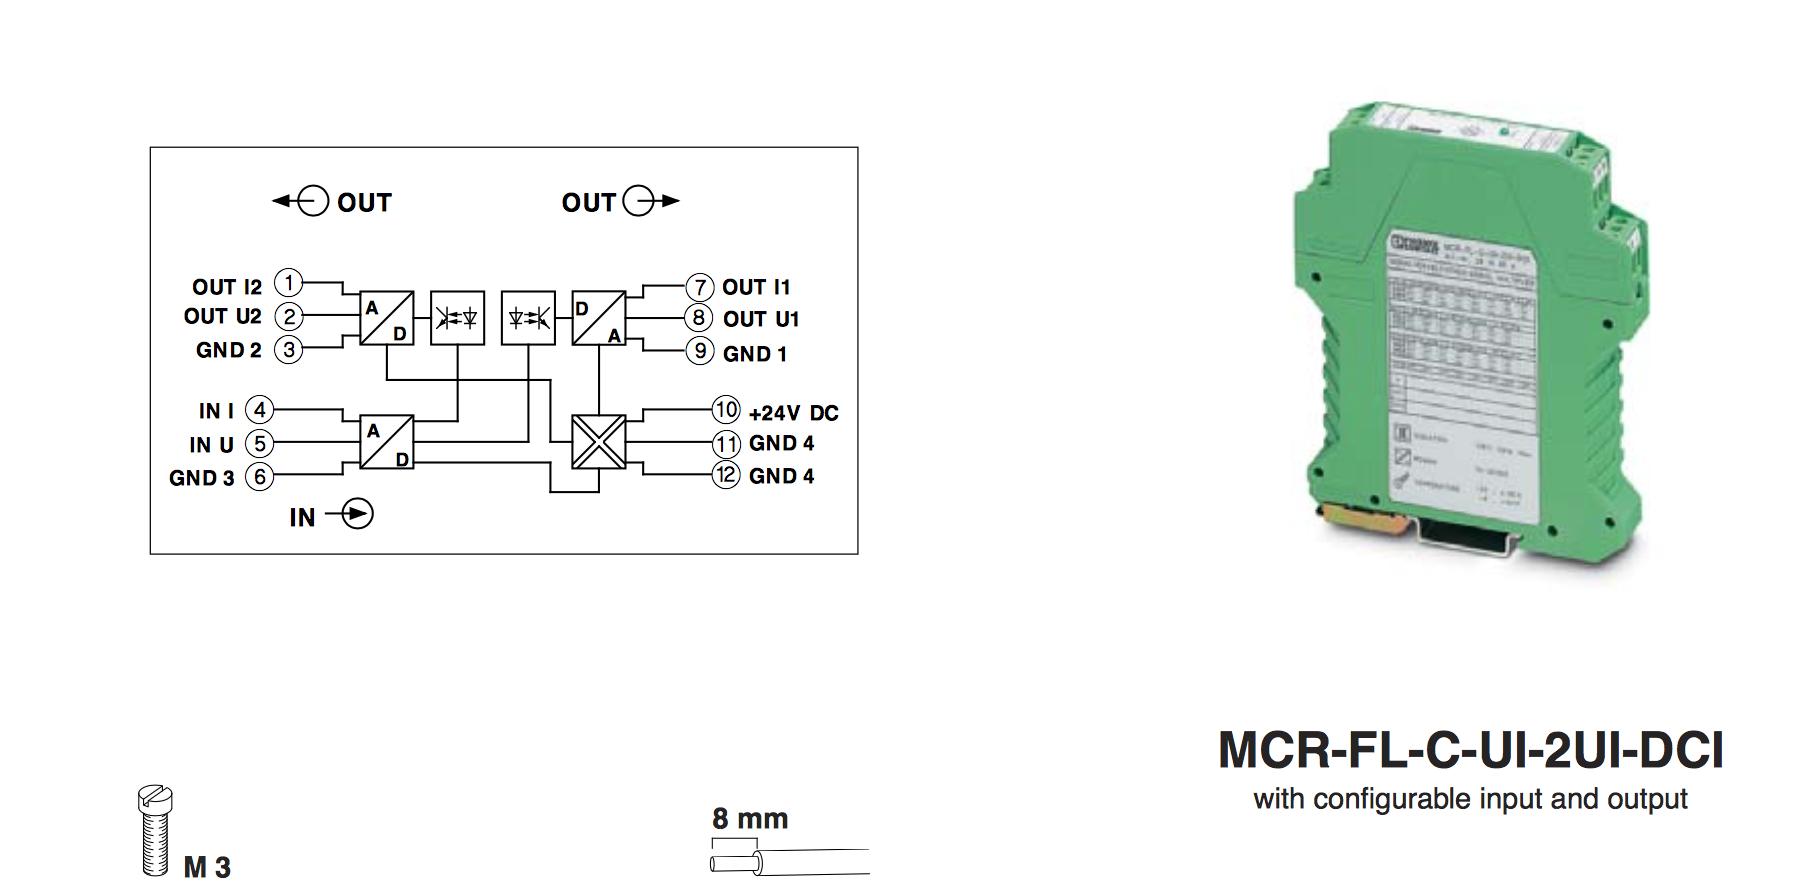 Bộ chuyển đổi tín hiệu Phoenix Contact, M-System- Bộ chia tín hiệu 4-20mA